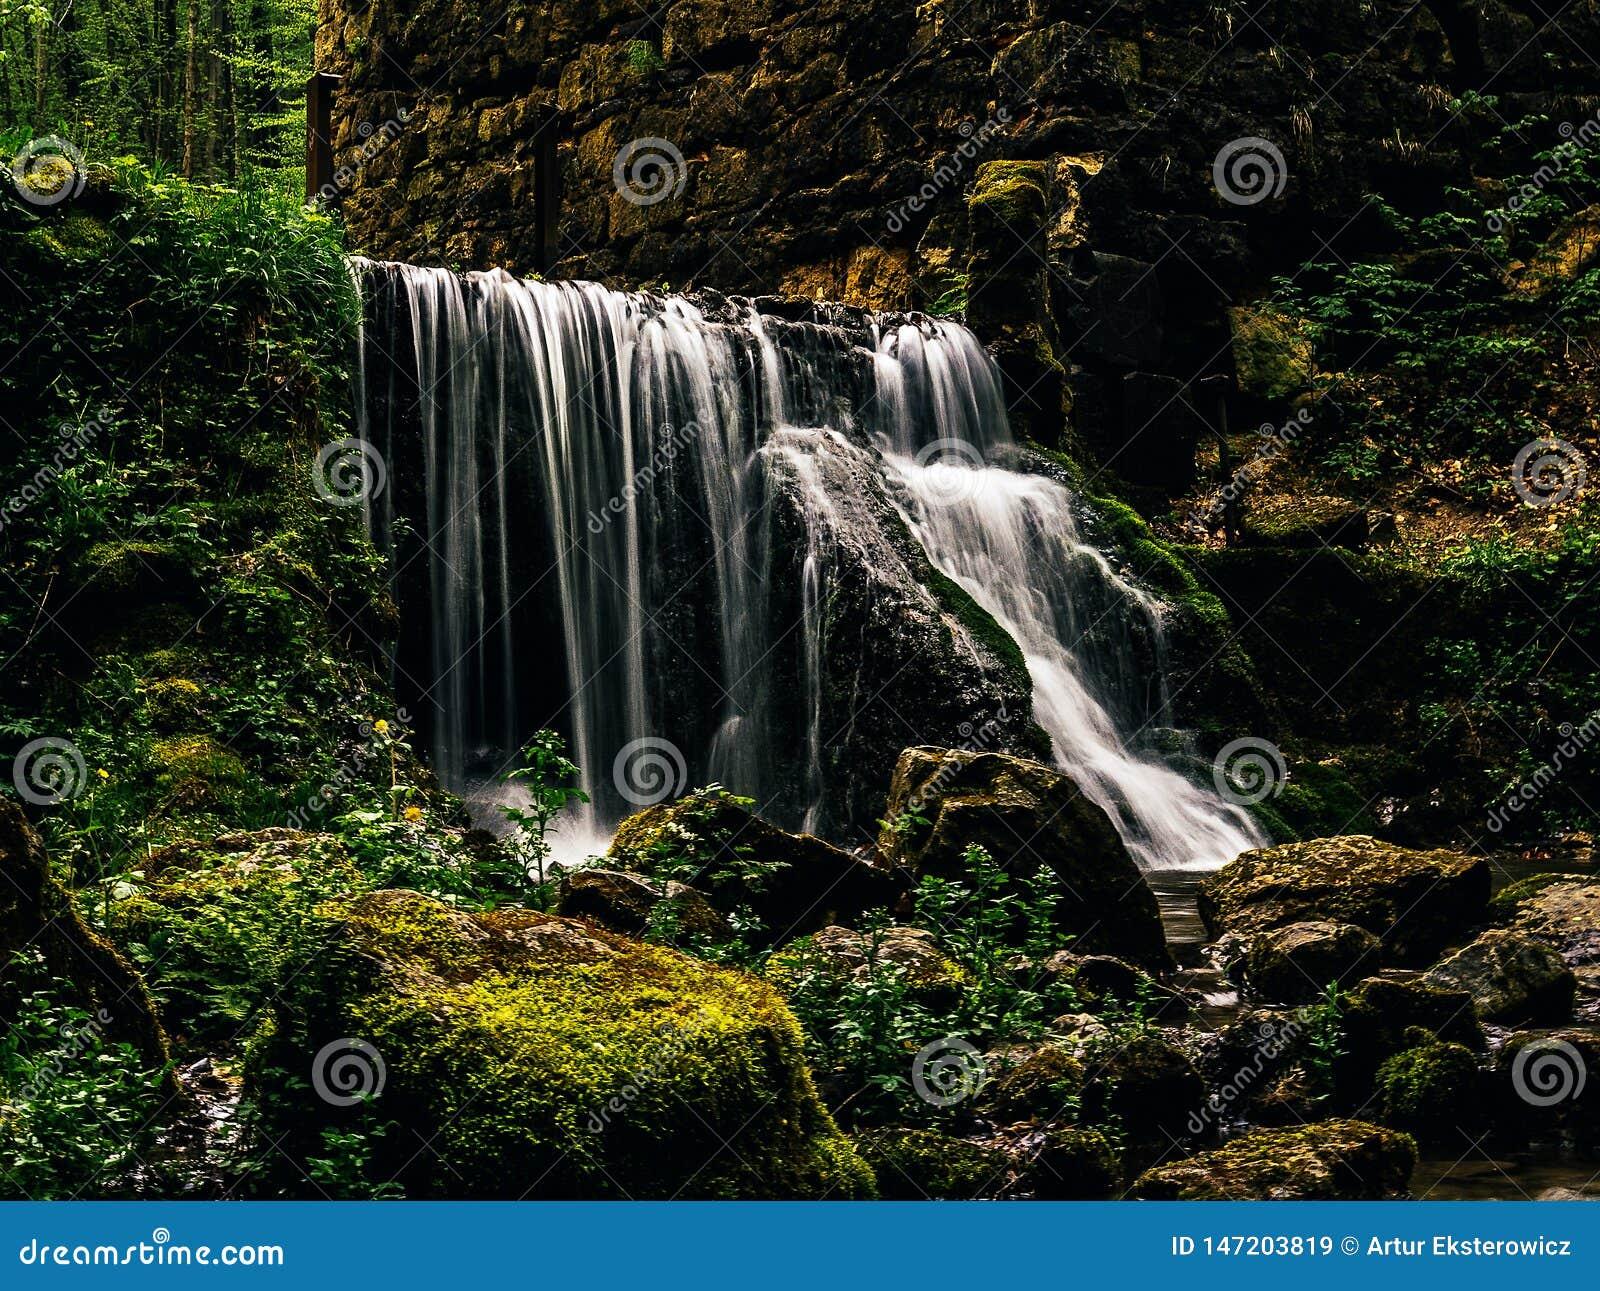 Enormer Wasserfall an den Ruinen einer alten Mühle im Wald